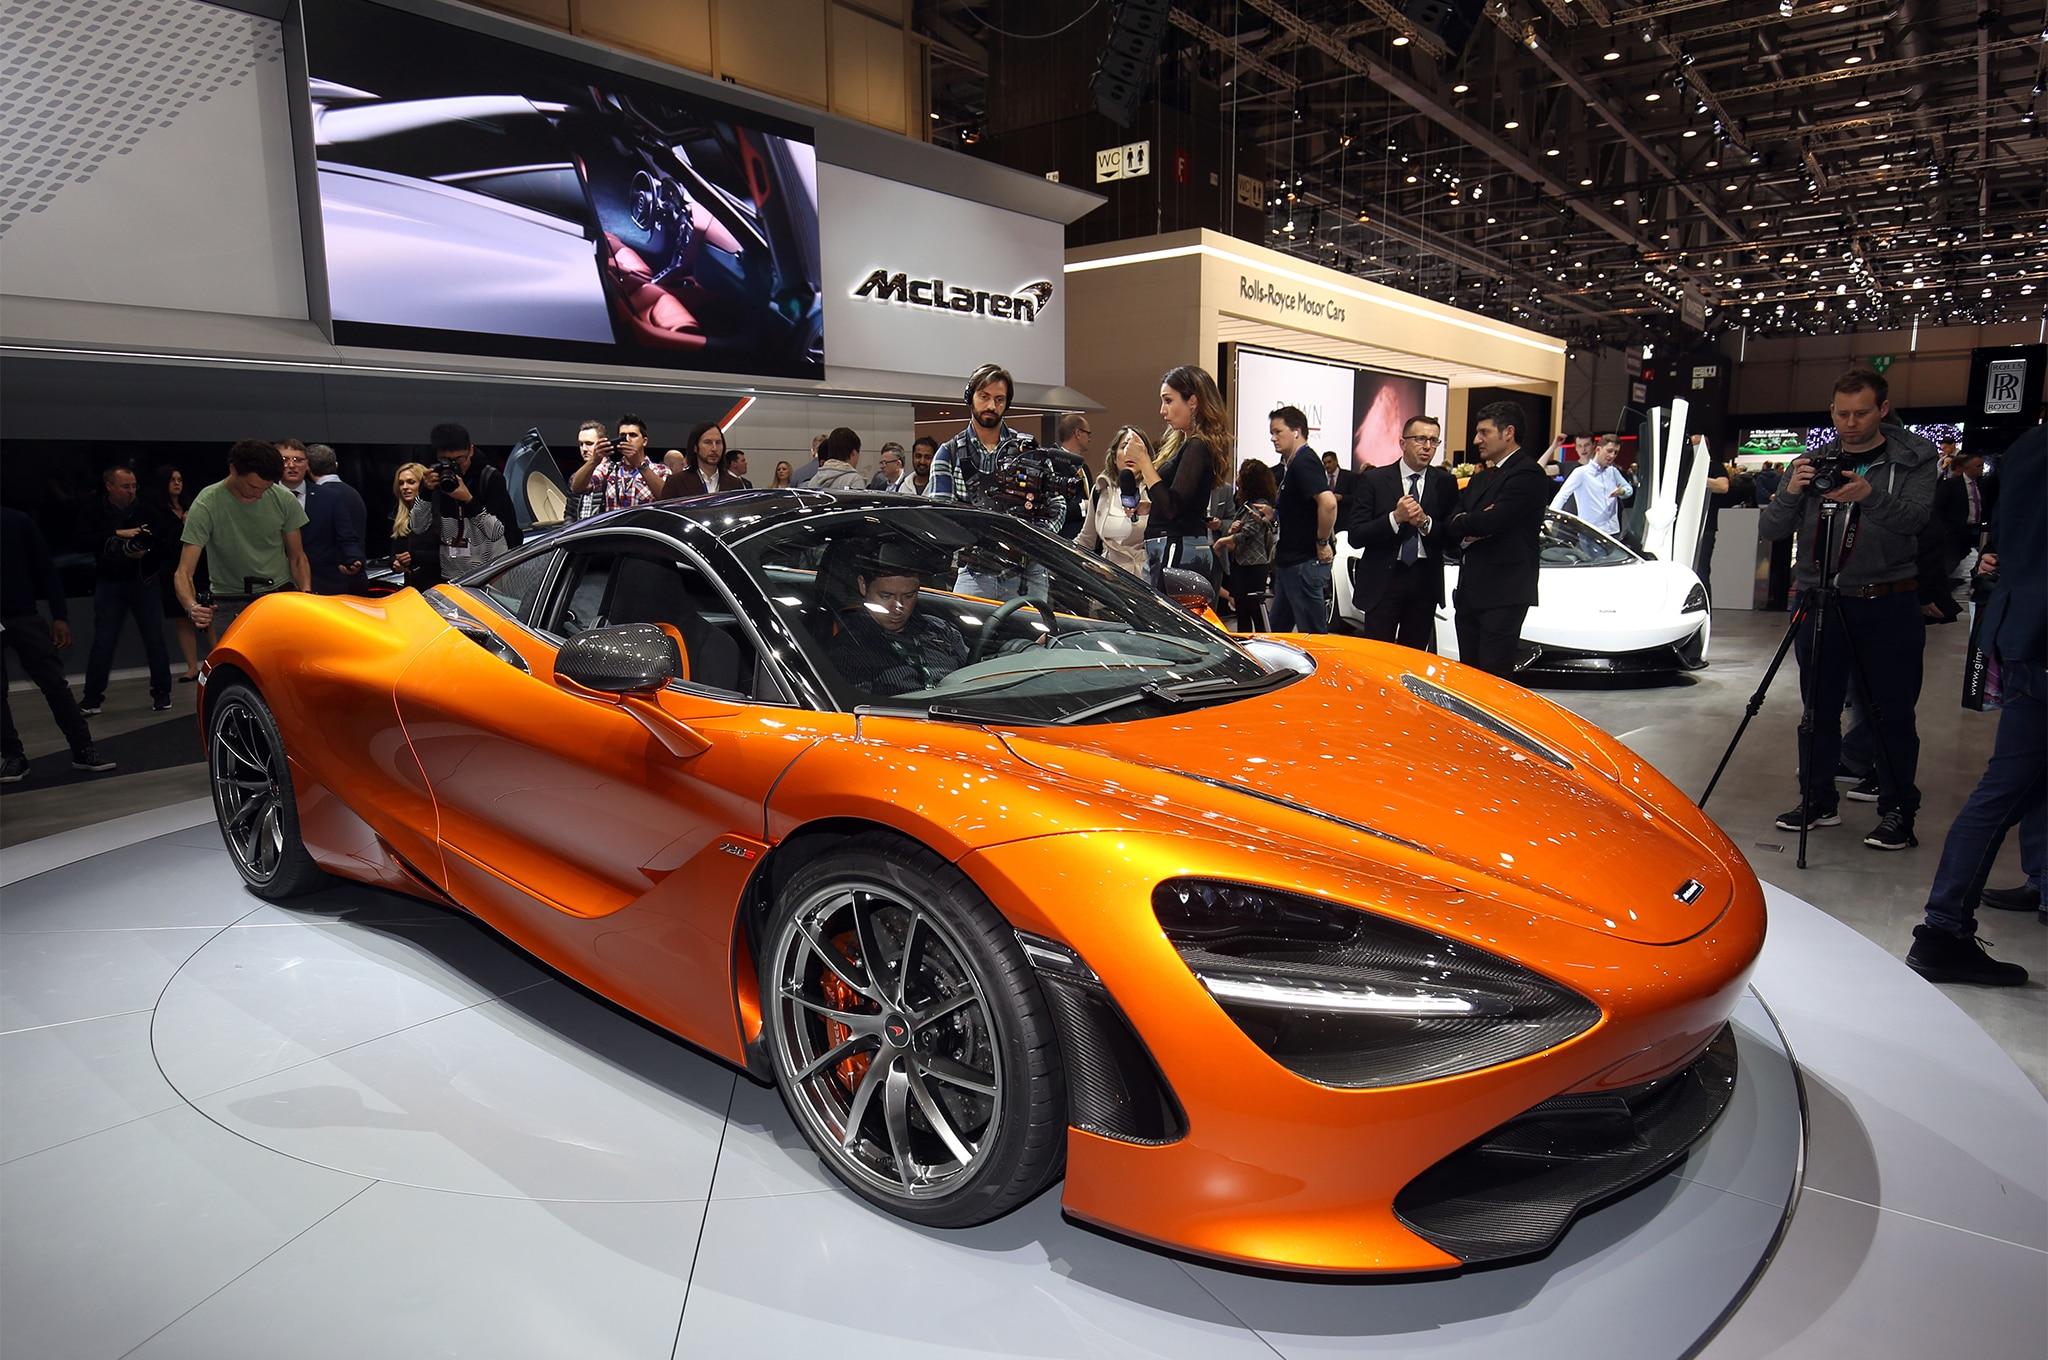 2018 McLaren 720S Front Three Quarter 02